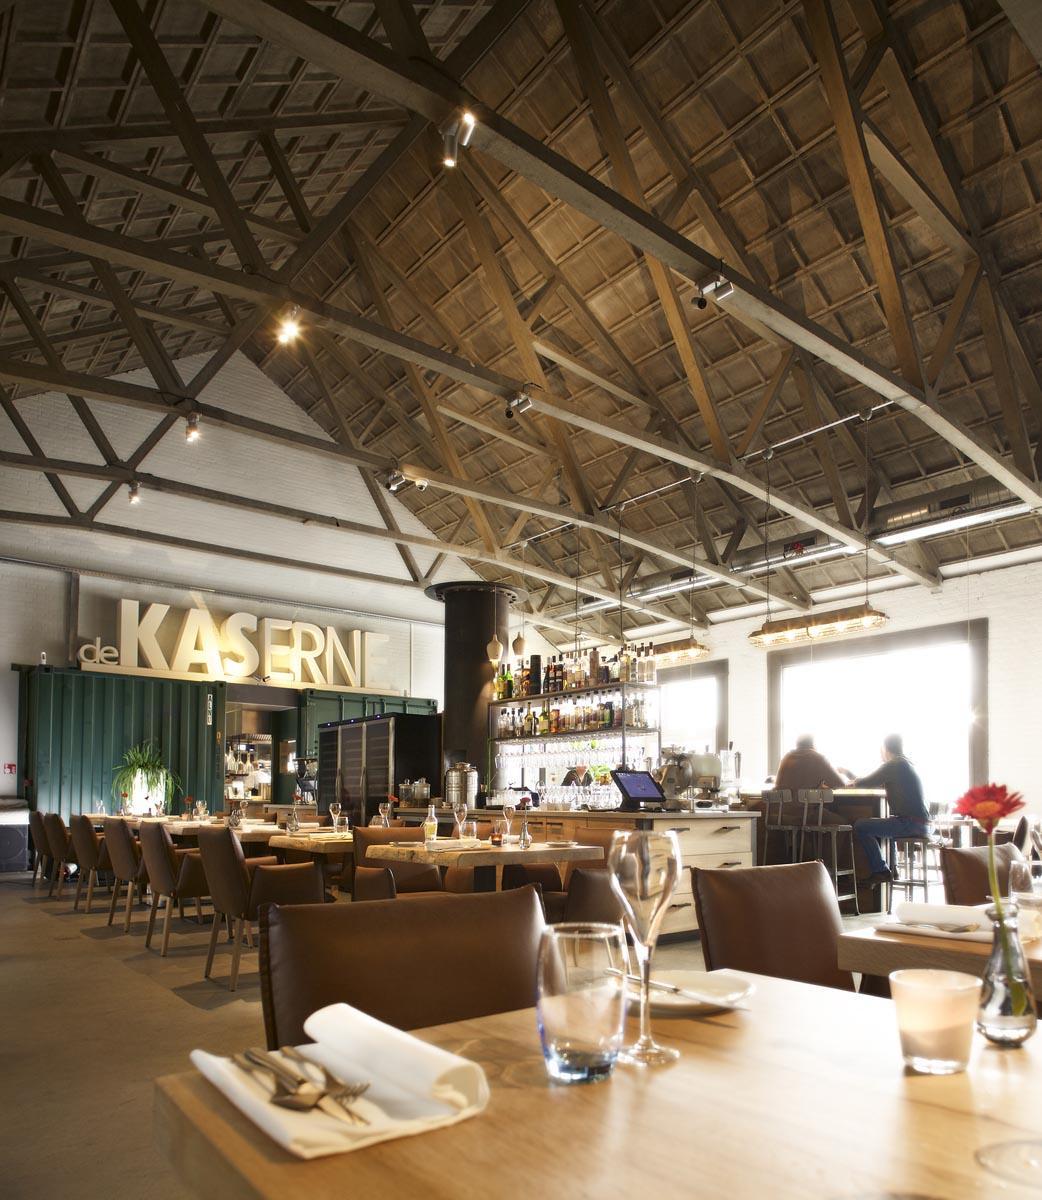 1 interieur restaurant De Kaserne met eiken tafels vrijstaande bar heerlijke fauteuils en mooi verlichte betonnen spanten